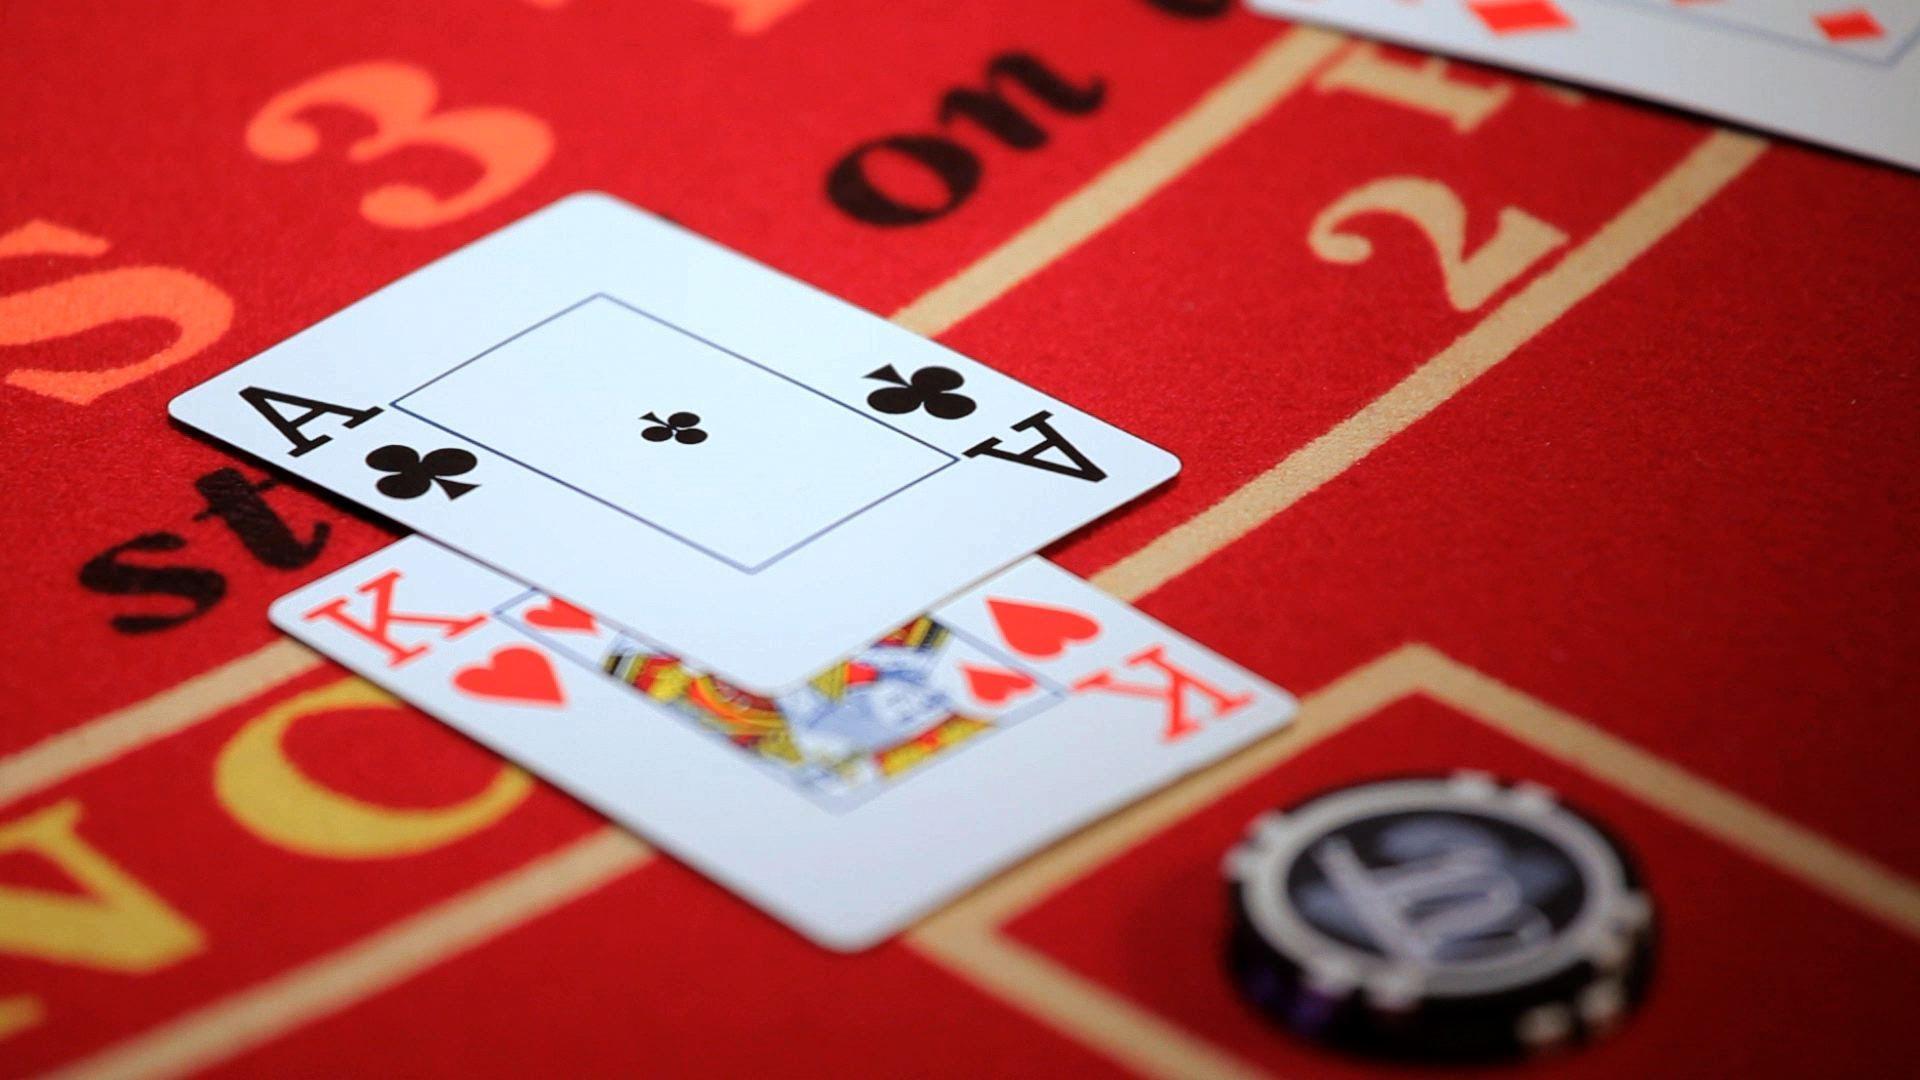 Logiciel de blackjack pour les débutants